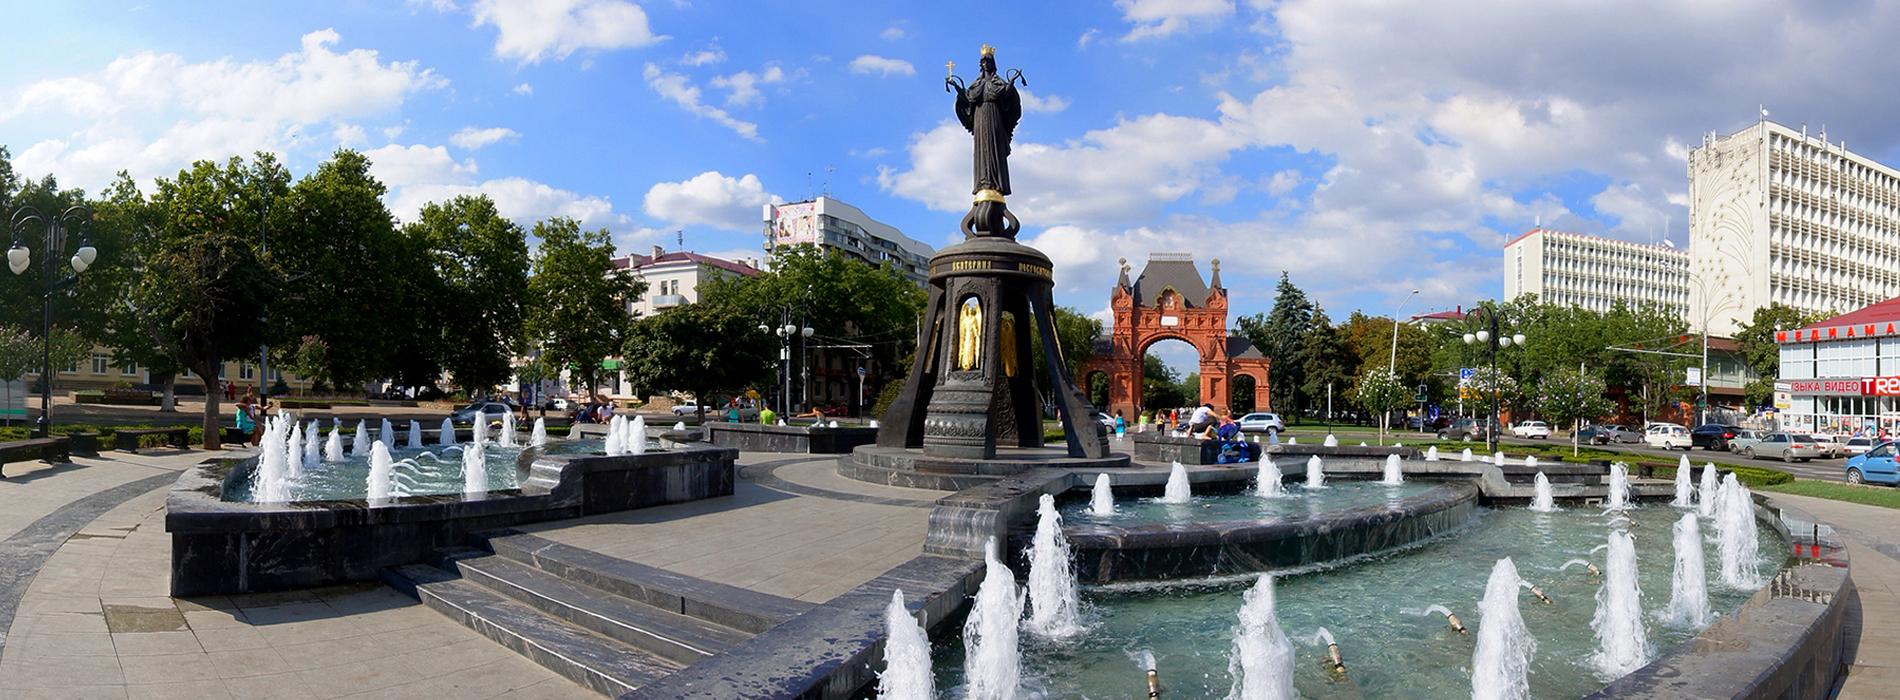 Авиабилеты Мирный — Краснодар, купить билеты на самолет туда и обратно, цены и расписание рейсов